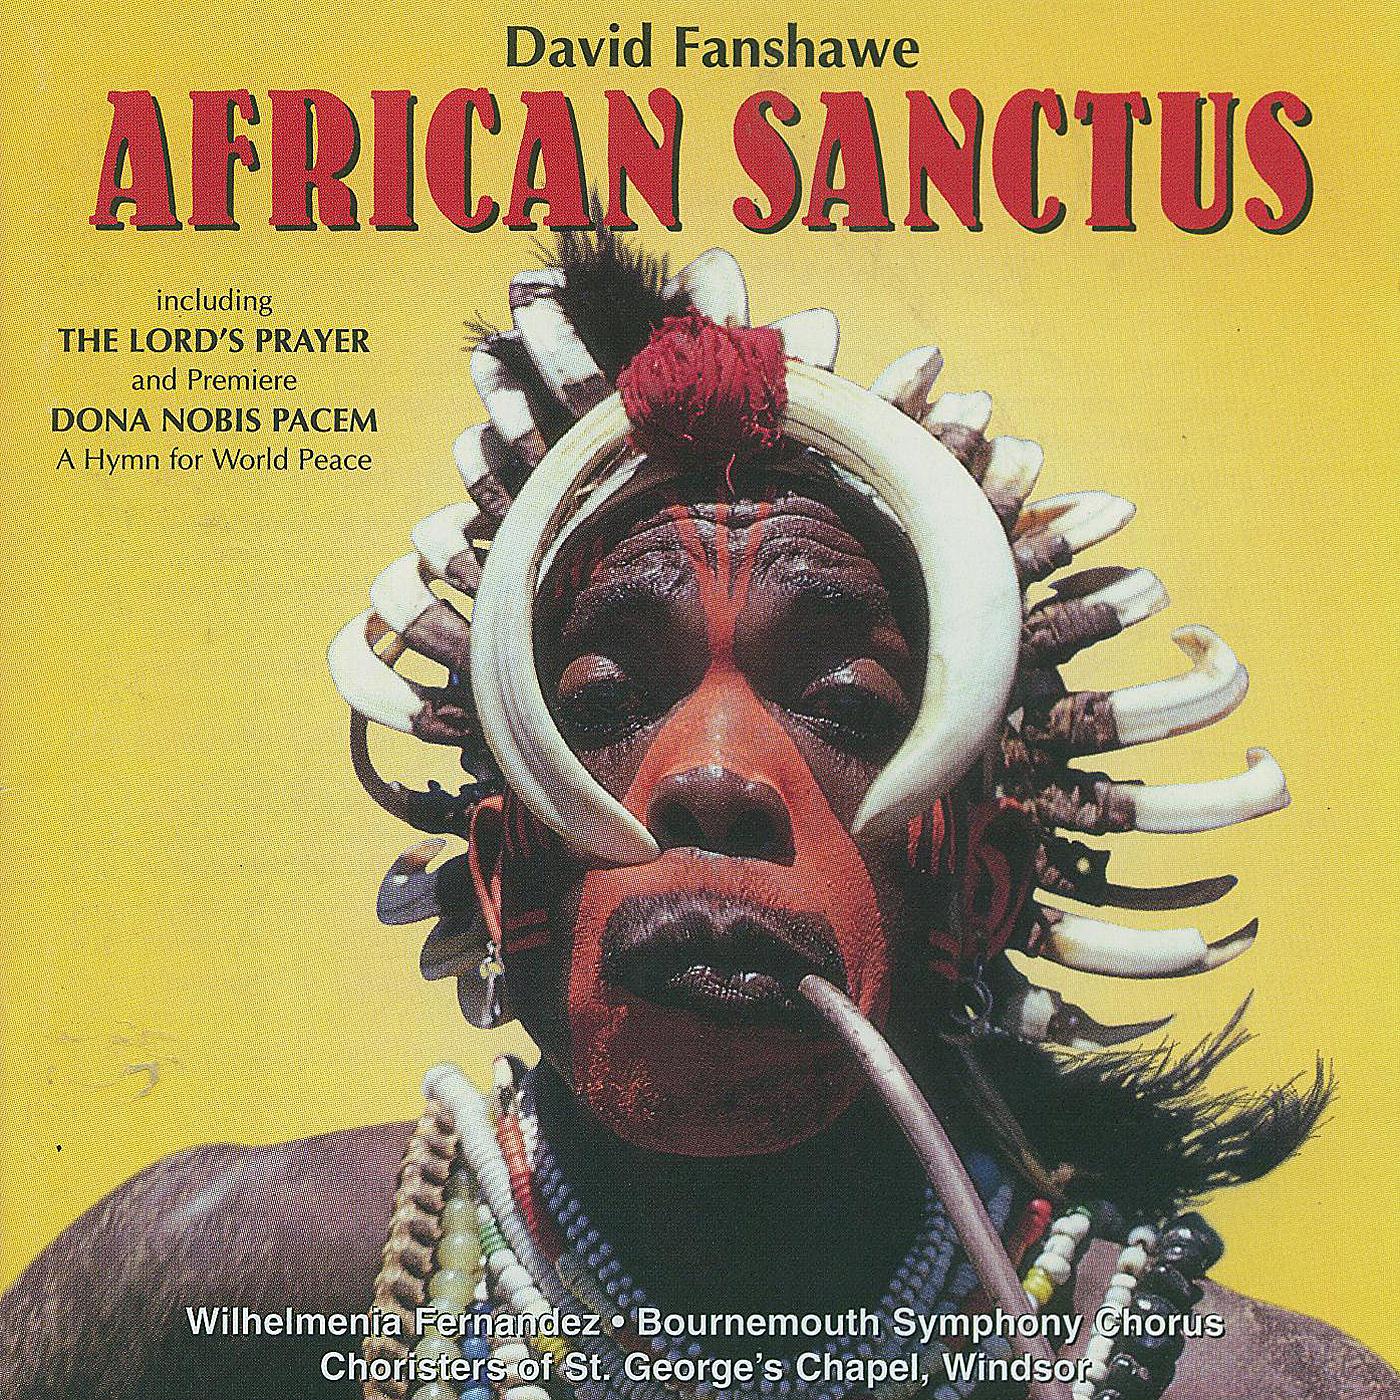 African Sanctus & Dona Nobis Pacem